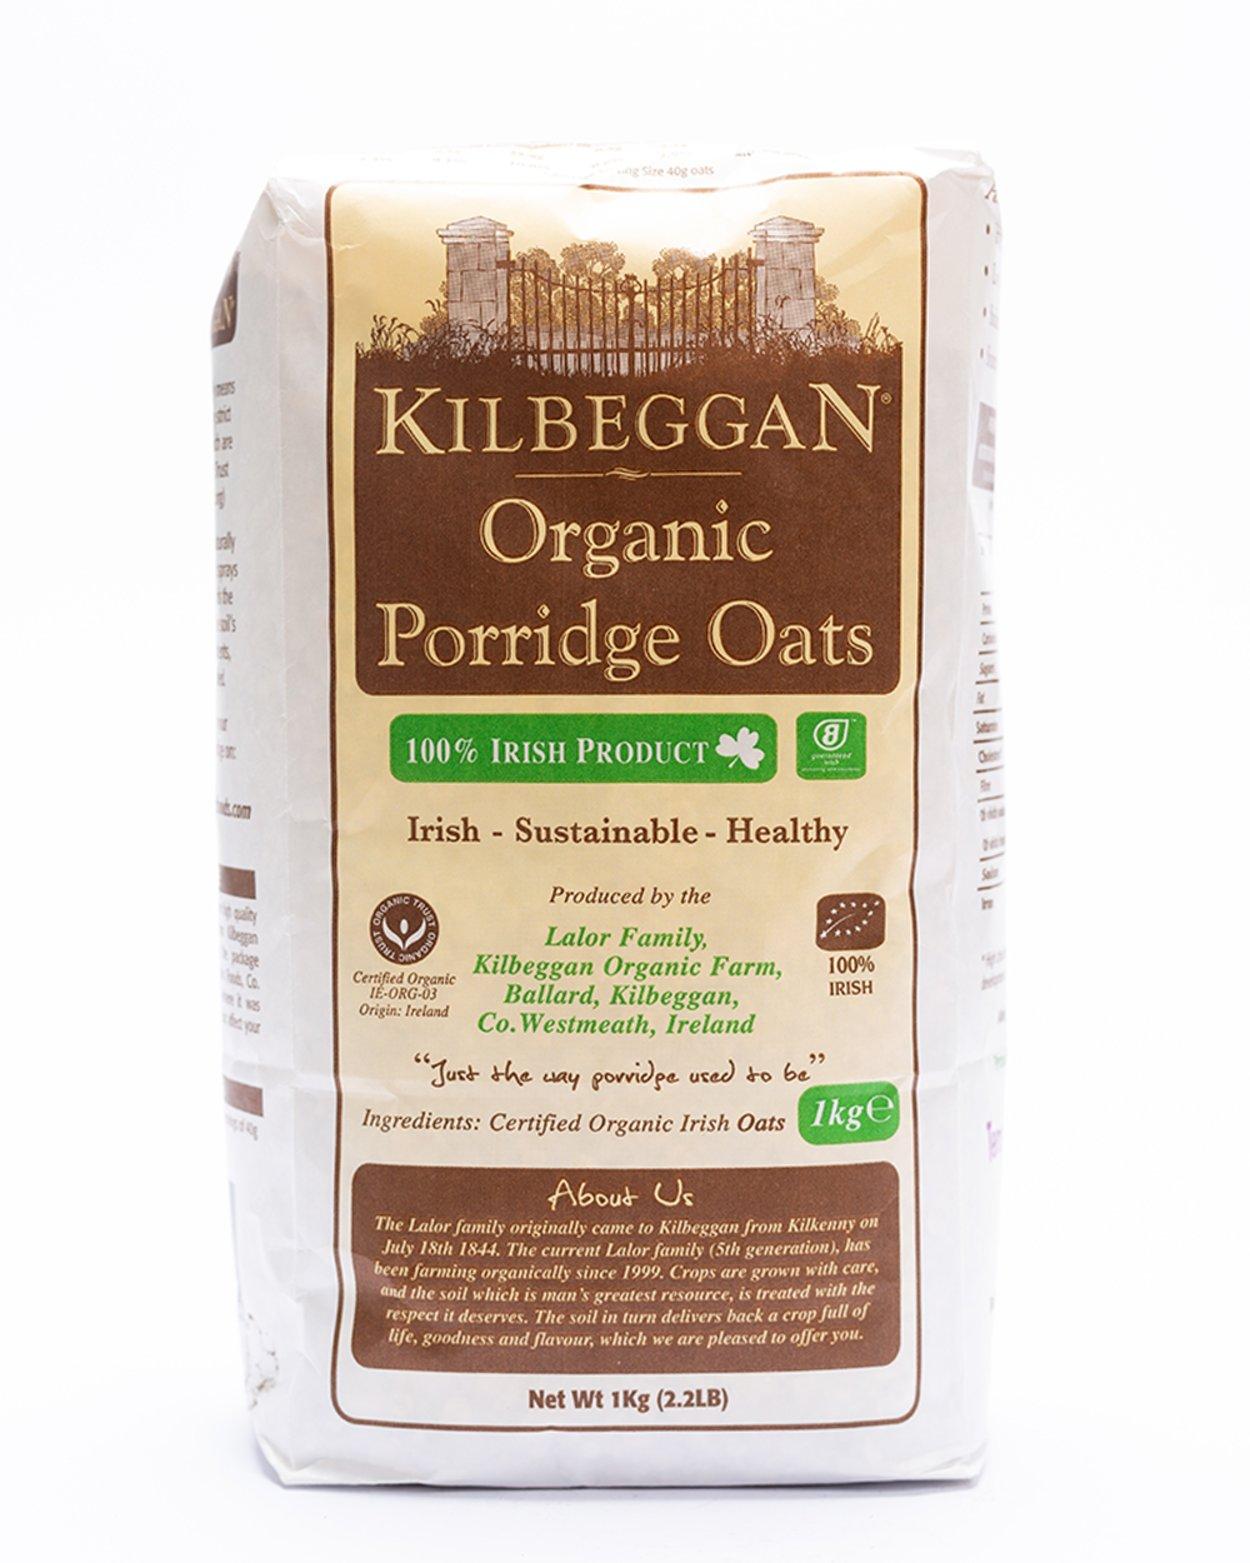 Kilbeggan Porridge Oats